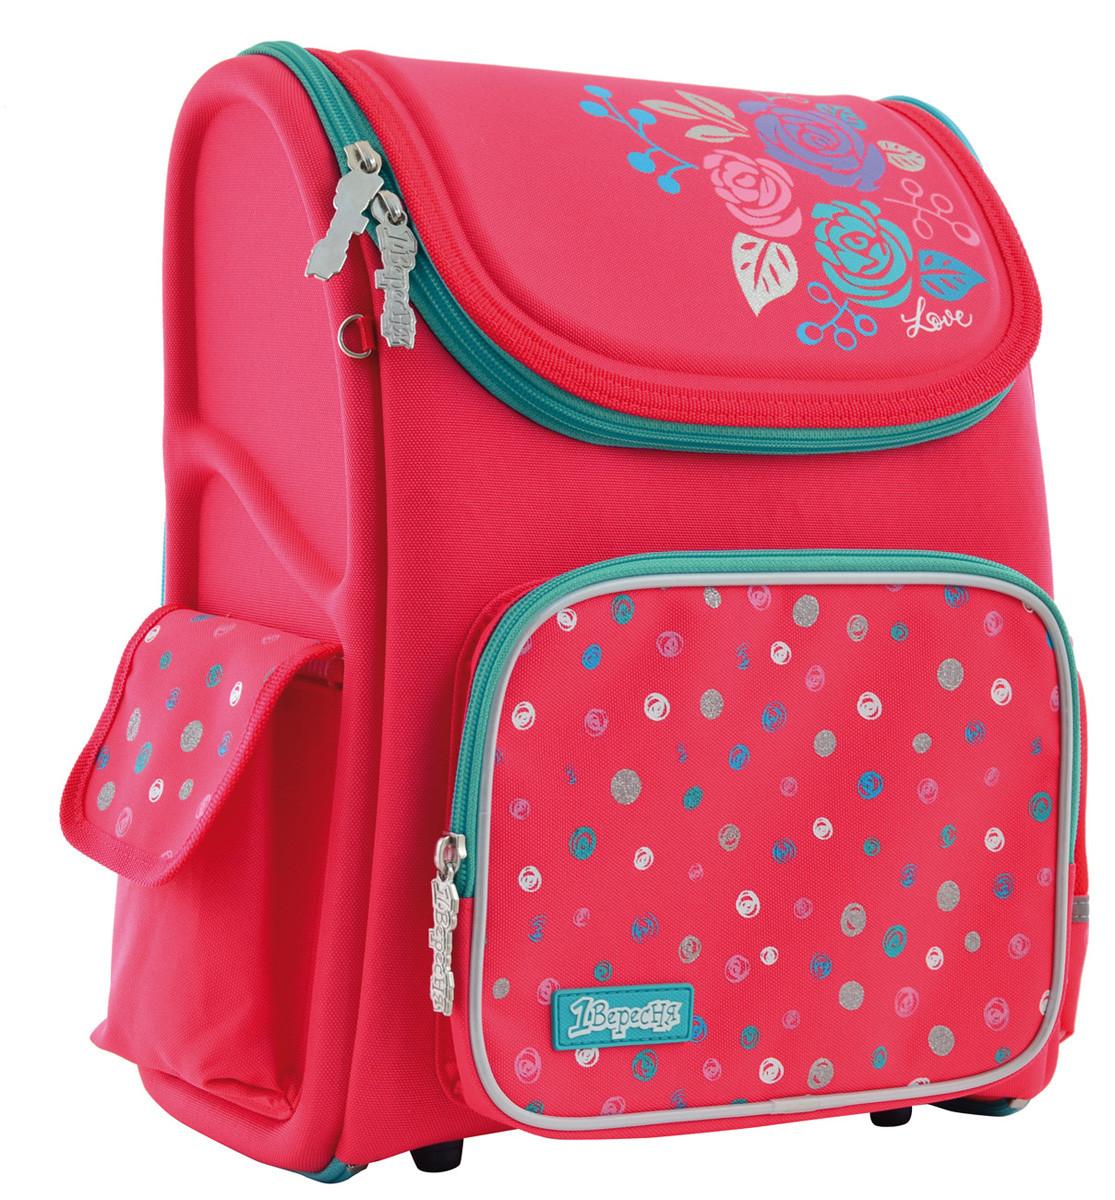 Рюкзак школьный ортопедический каркасный 1 Вересня H-17 Lovely roses код: 556331